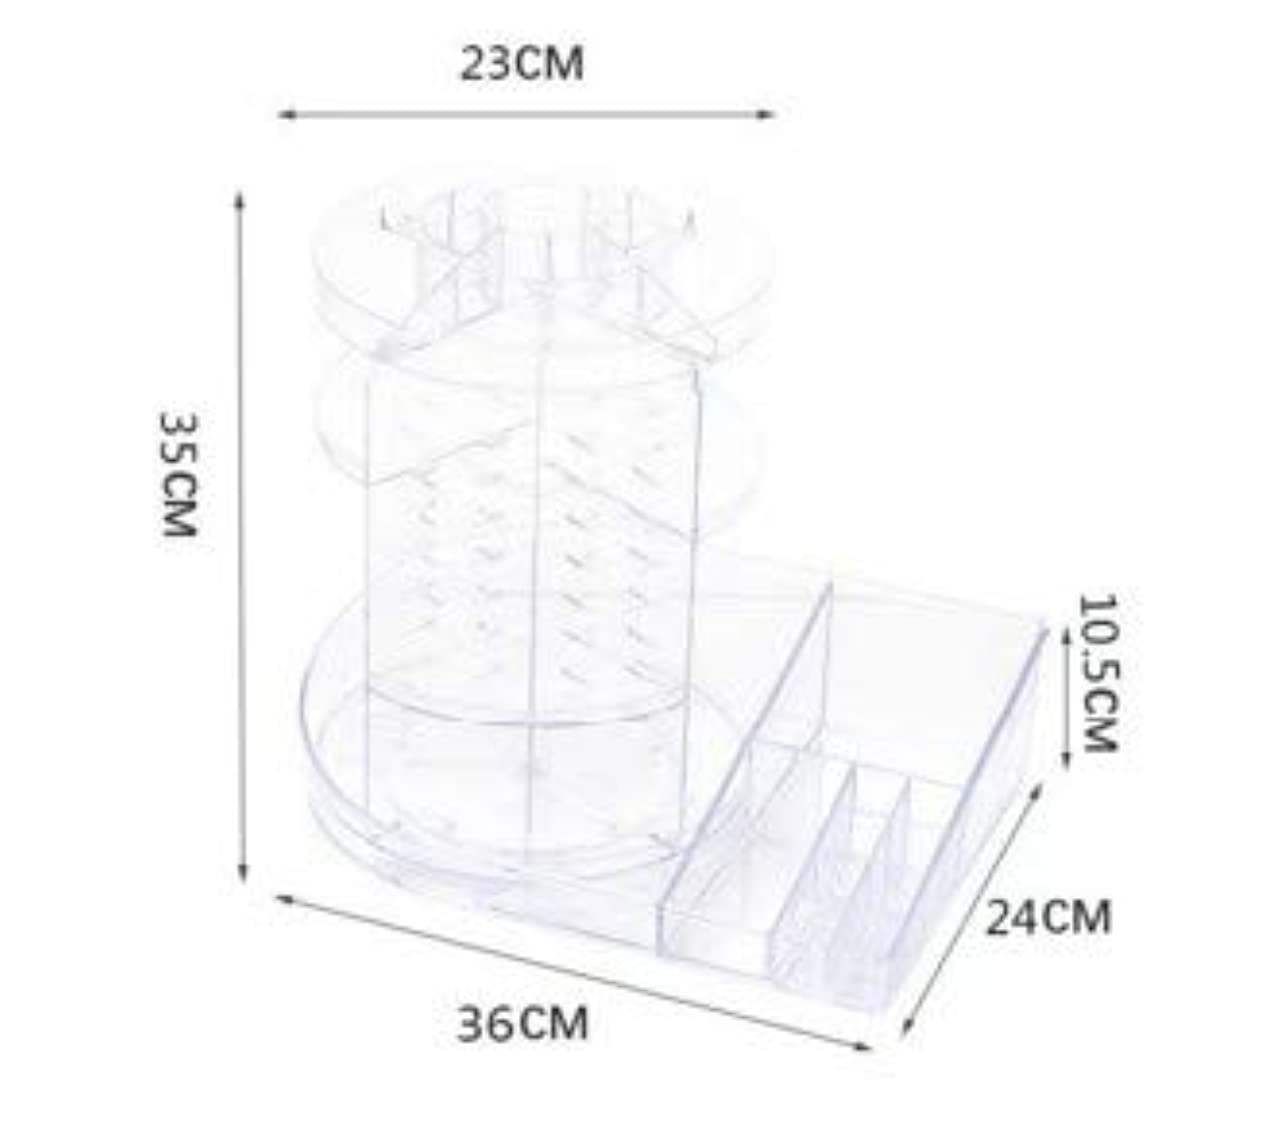 レルムシリーズホバー化粧品収納ボックス透明回転テーブル化粧台スキンケア製品口紅ラック仕上げボックス (Color : ホワイト)